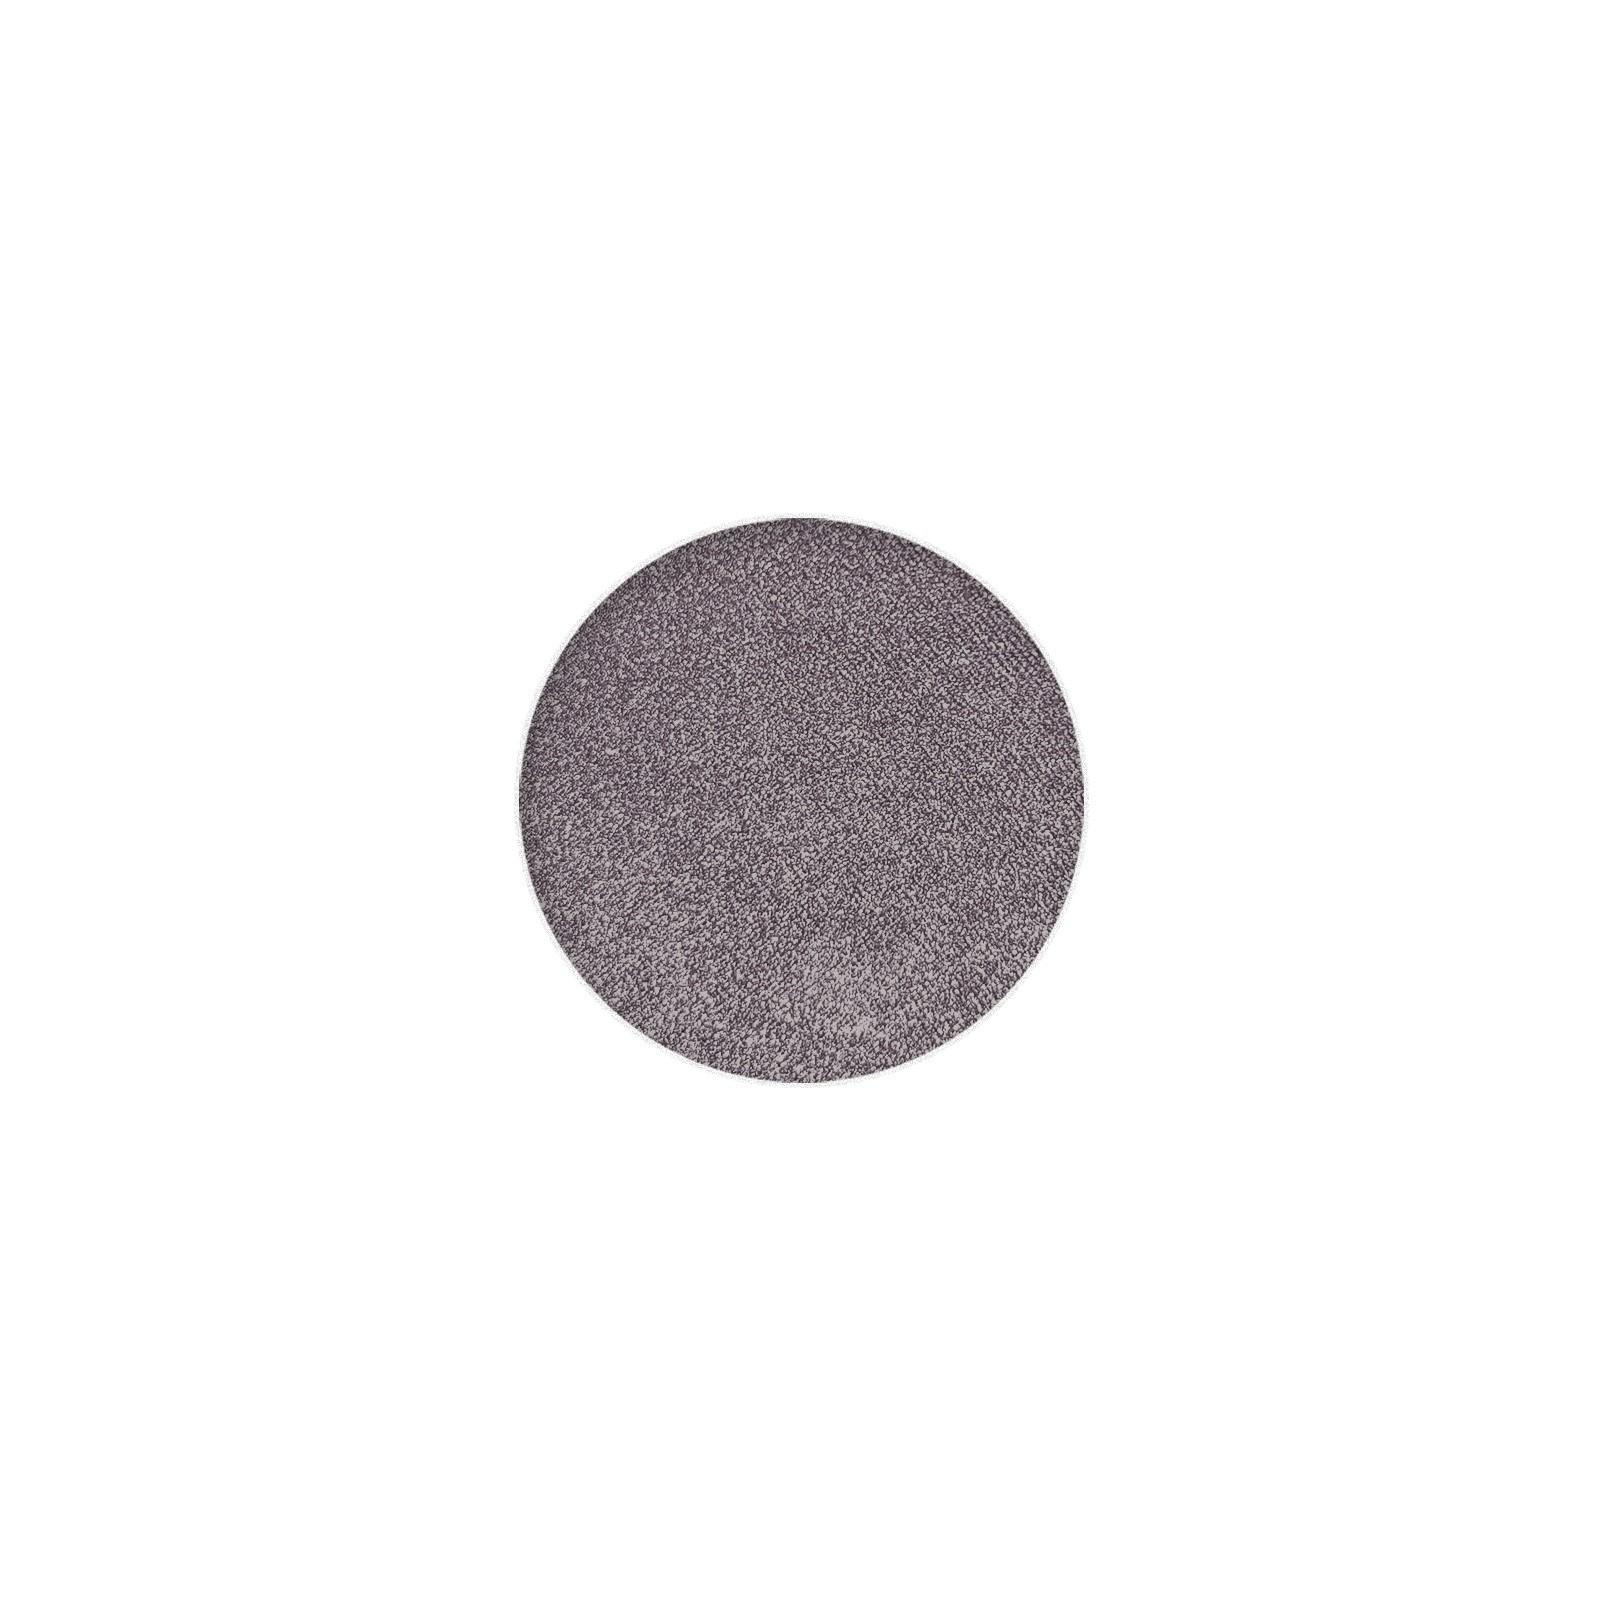 Sombra Mineral Unitária Refil 06